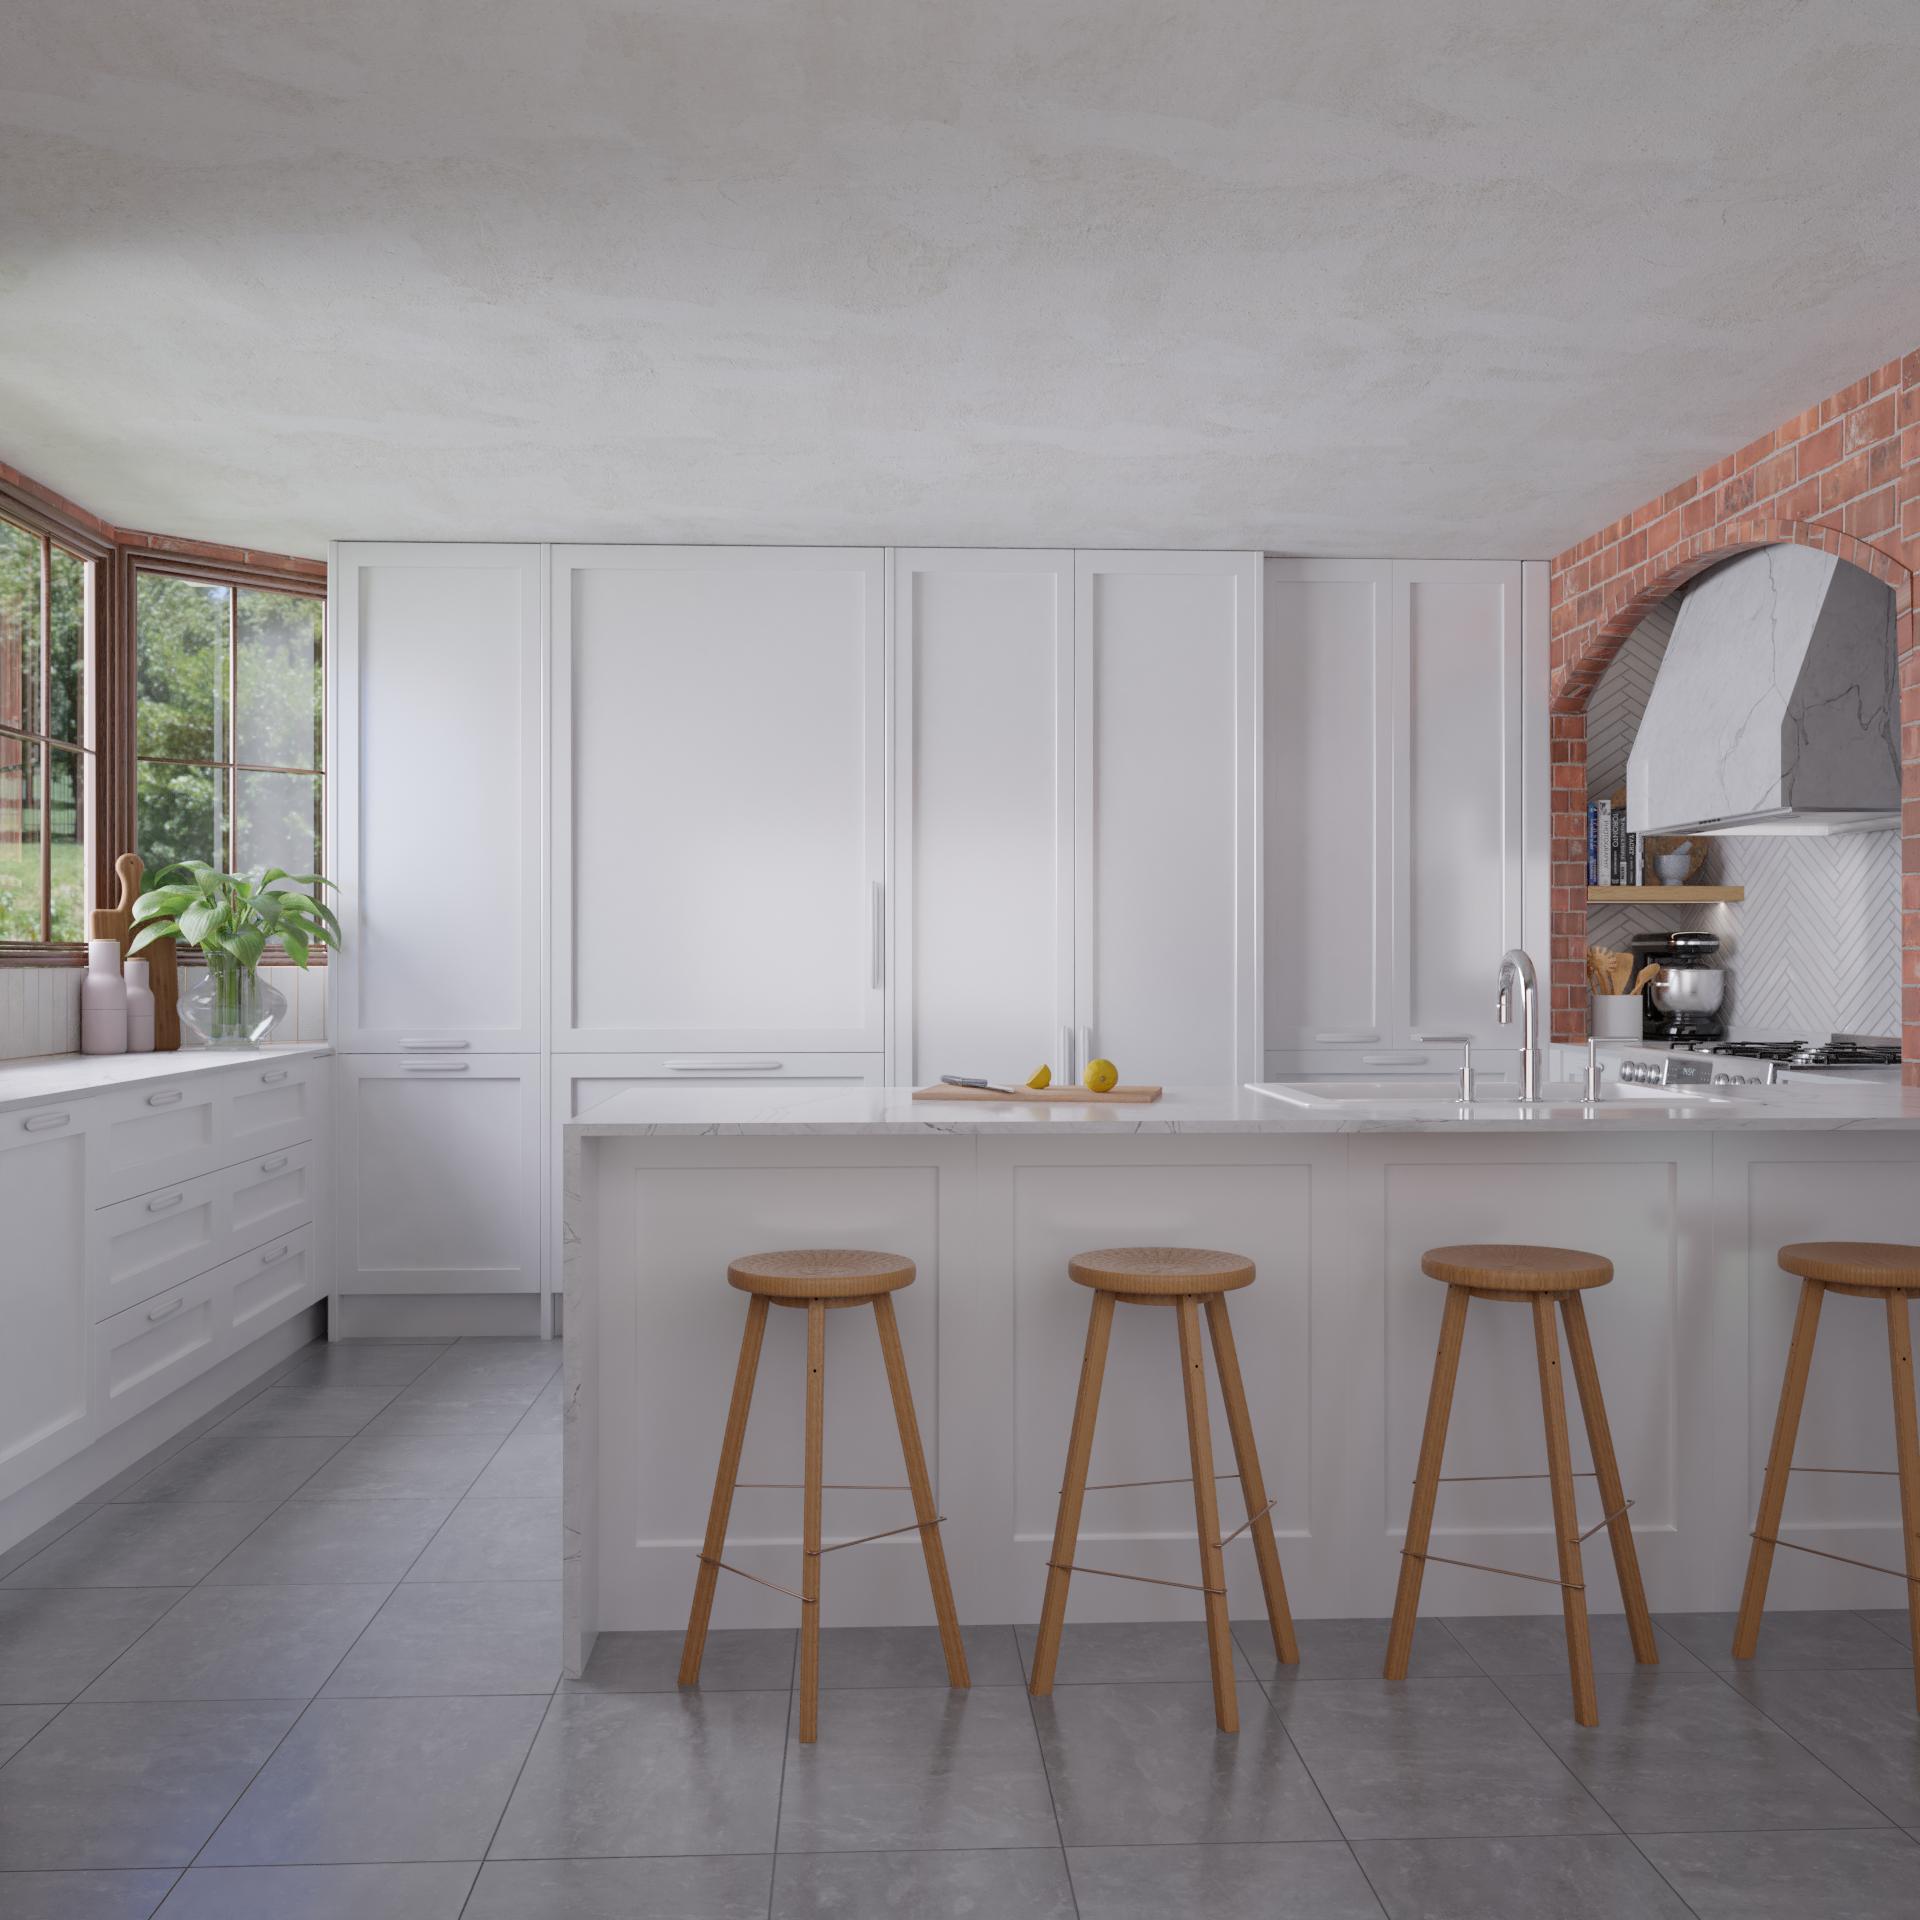 Interior Design Studio. 3D render kitchen. Interior Design Port Macquarie.